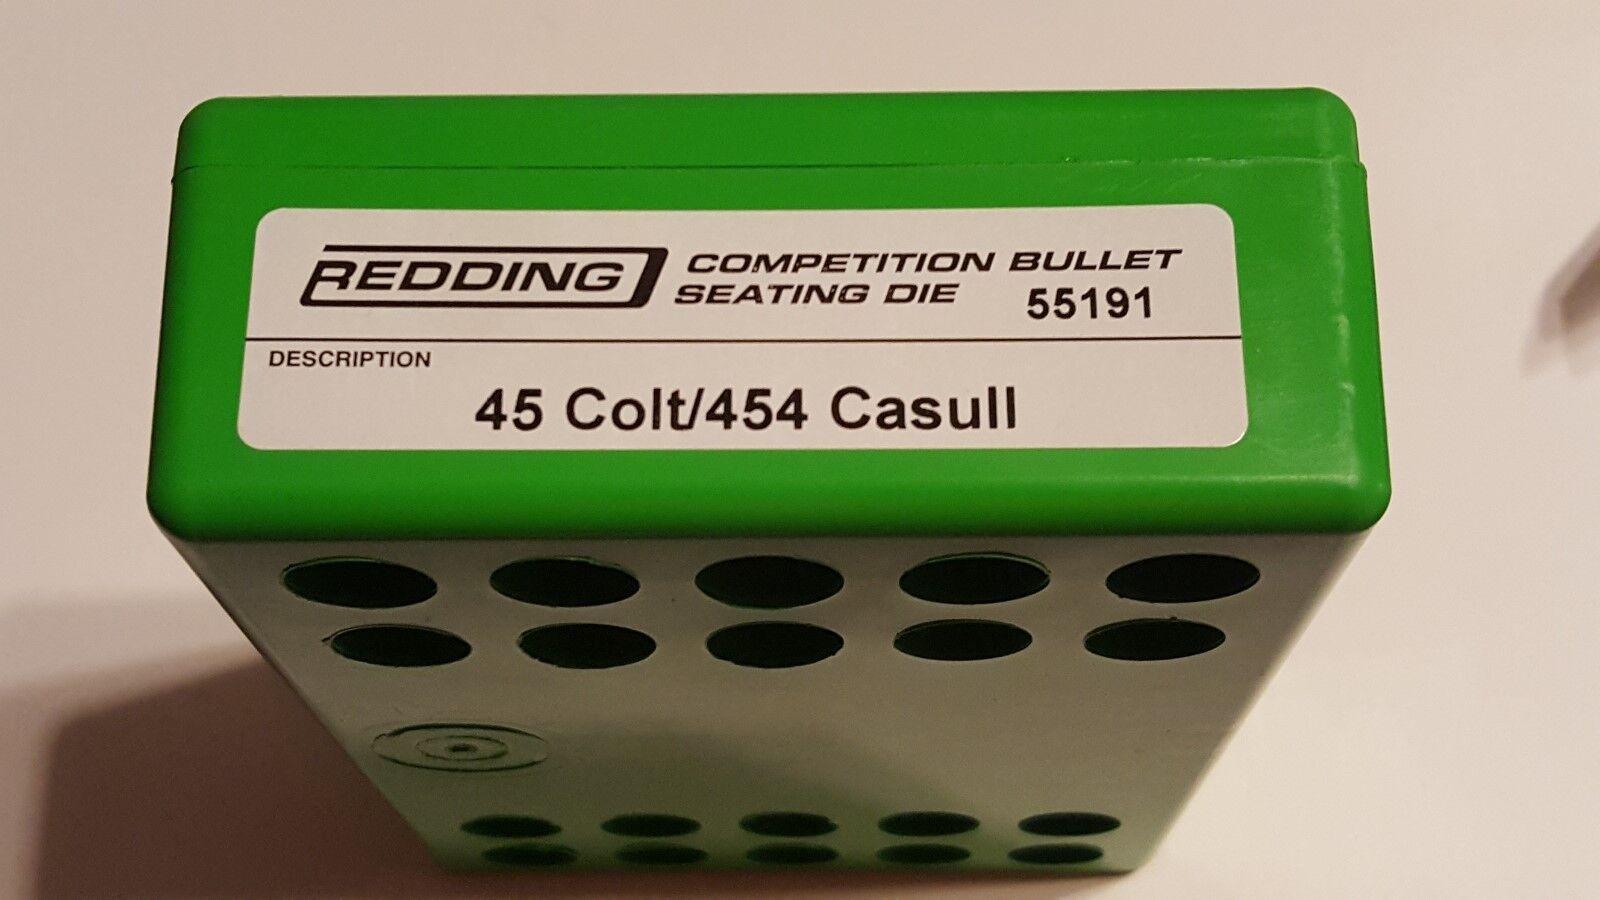 55191 rojoDING COMPETITION asientos Die - 45 COLT 454 Casull-Nuevo-Envío Gratis